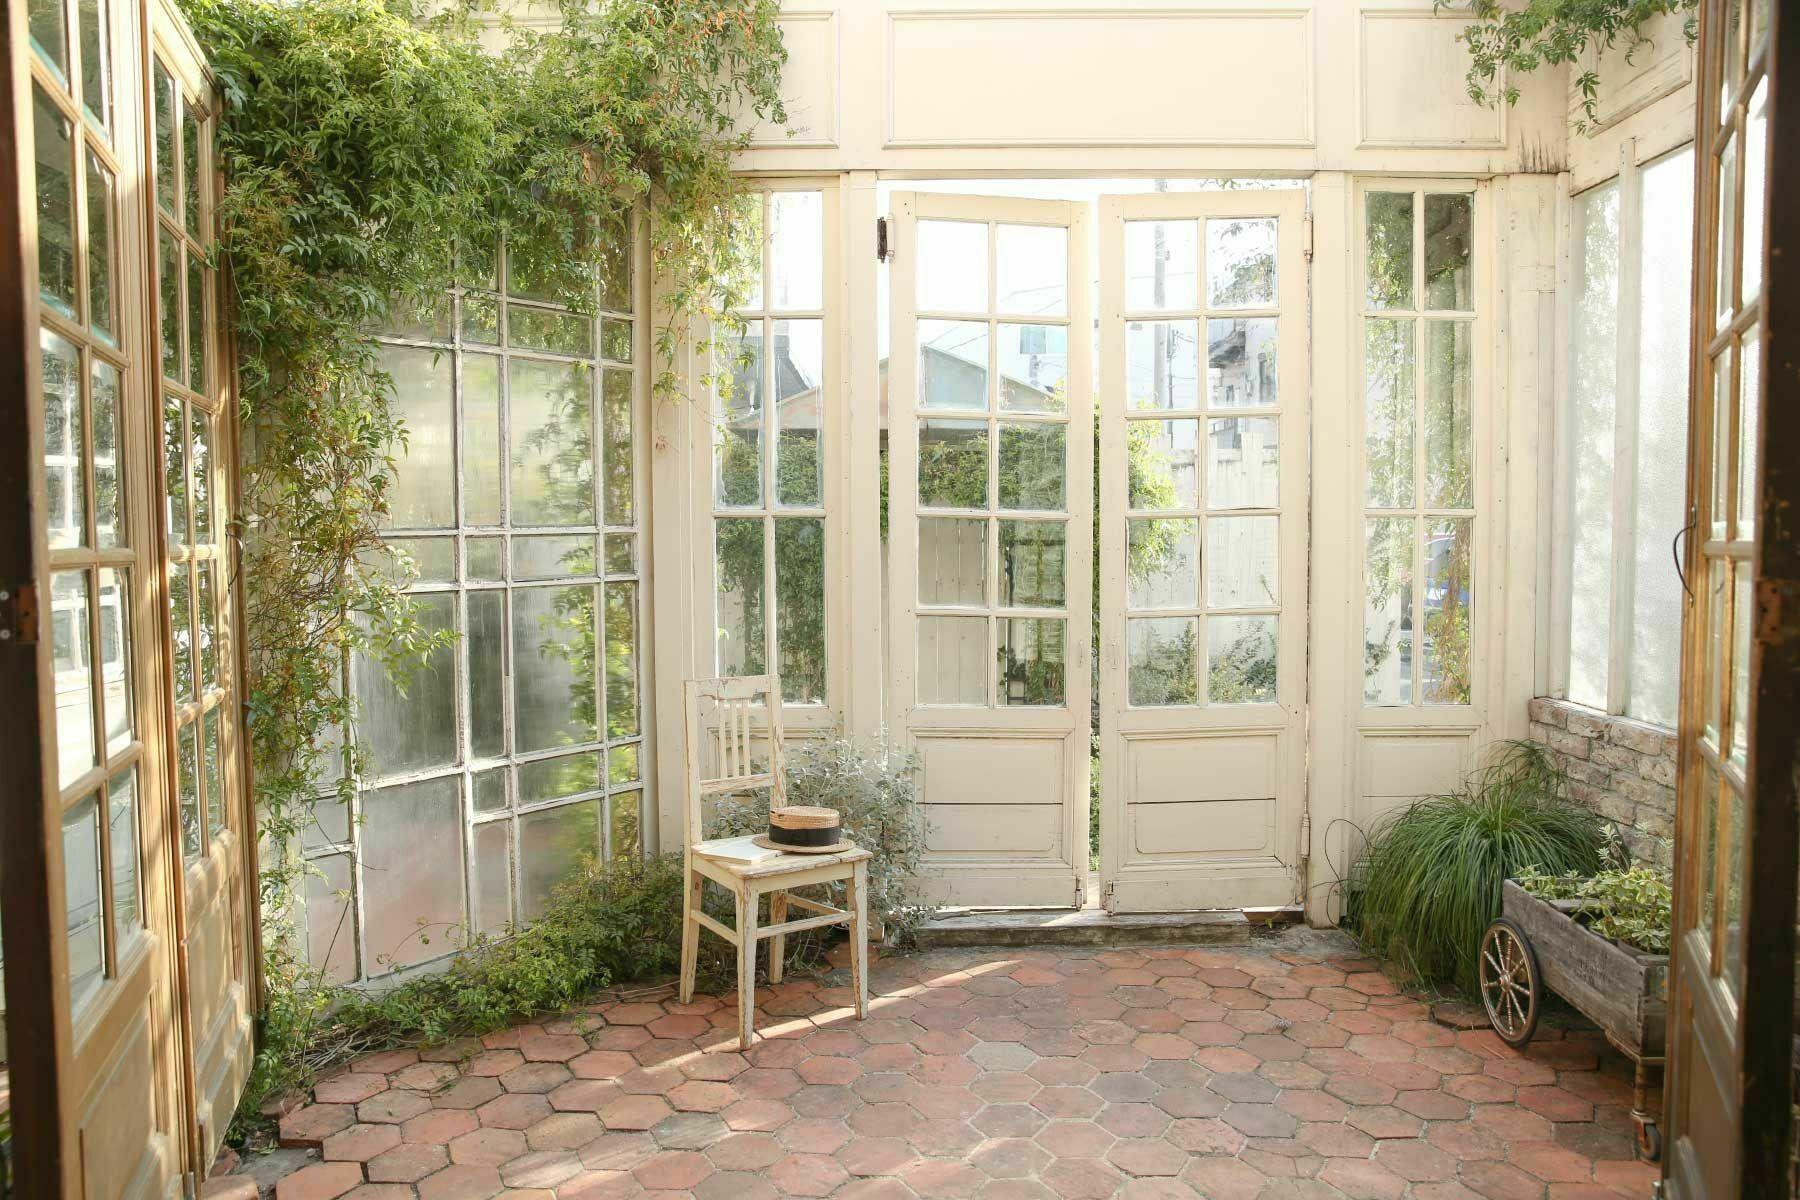 スタジオQue目黒碑文谷 (スタジオキュー)レンガタイルの庭